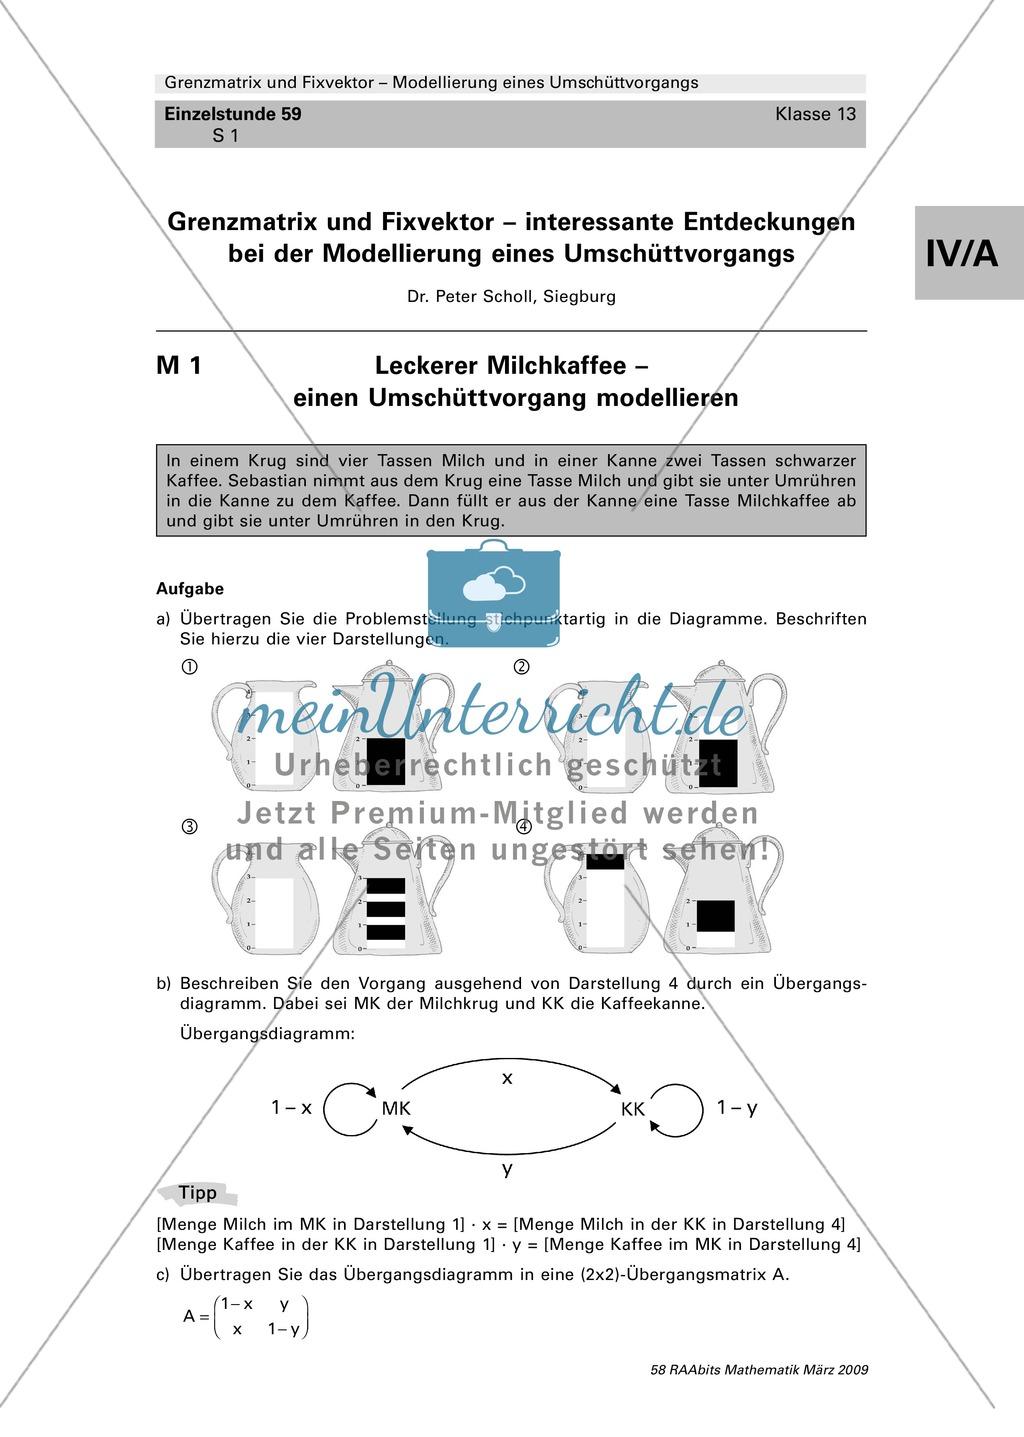 Grenzmatrix und Fixvektor erkennen und verstehen am Beispiel einer ...